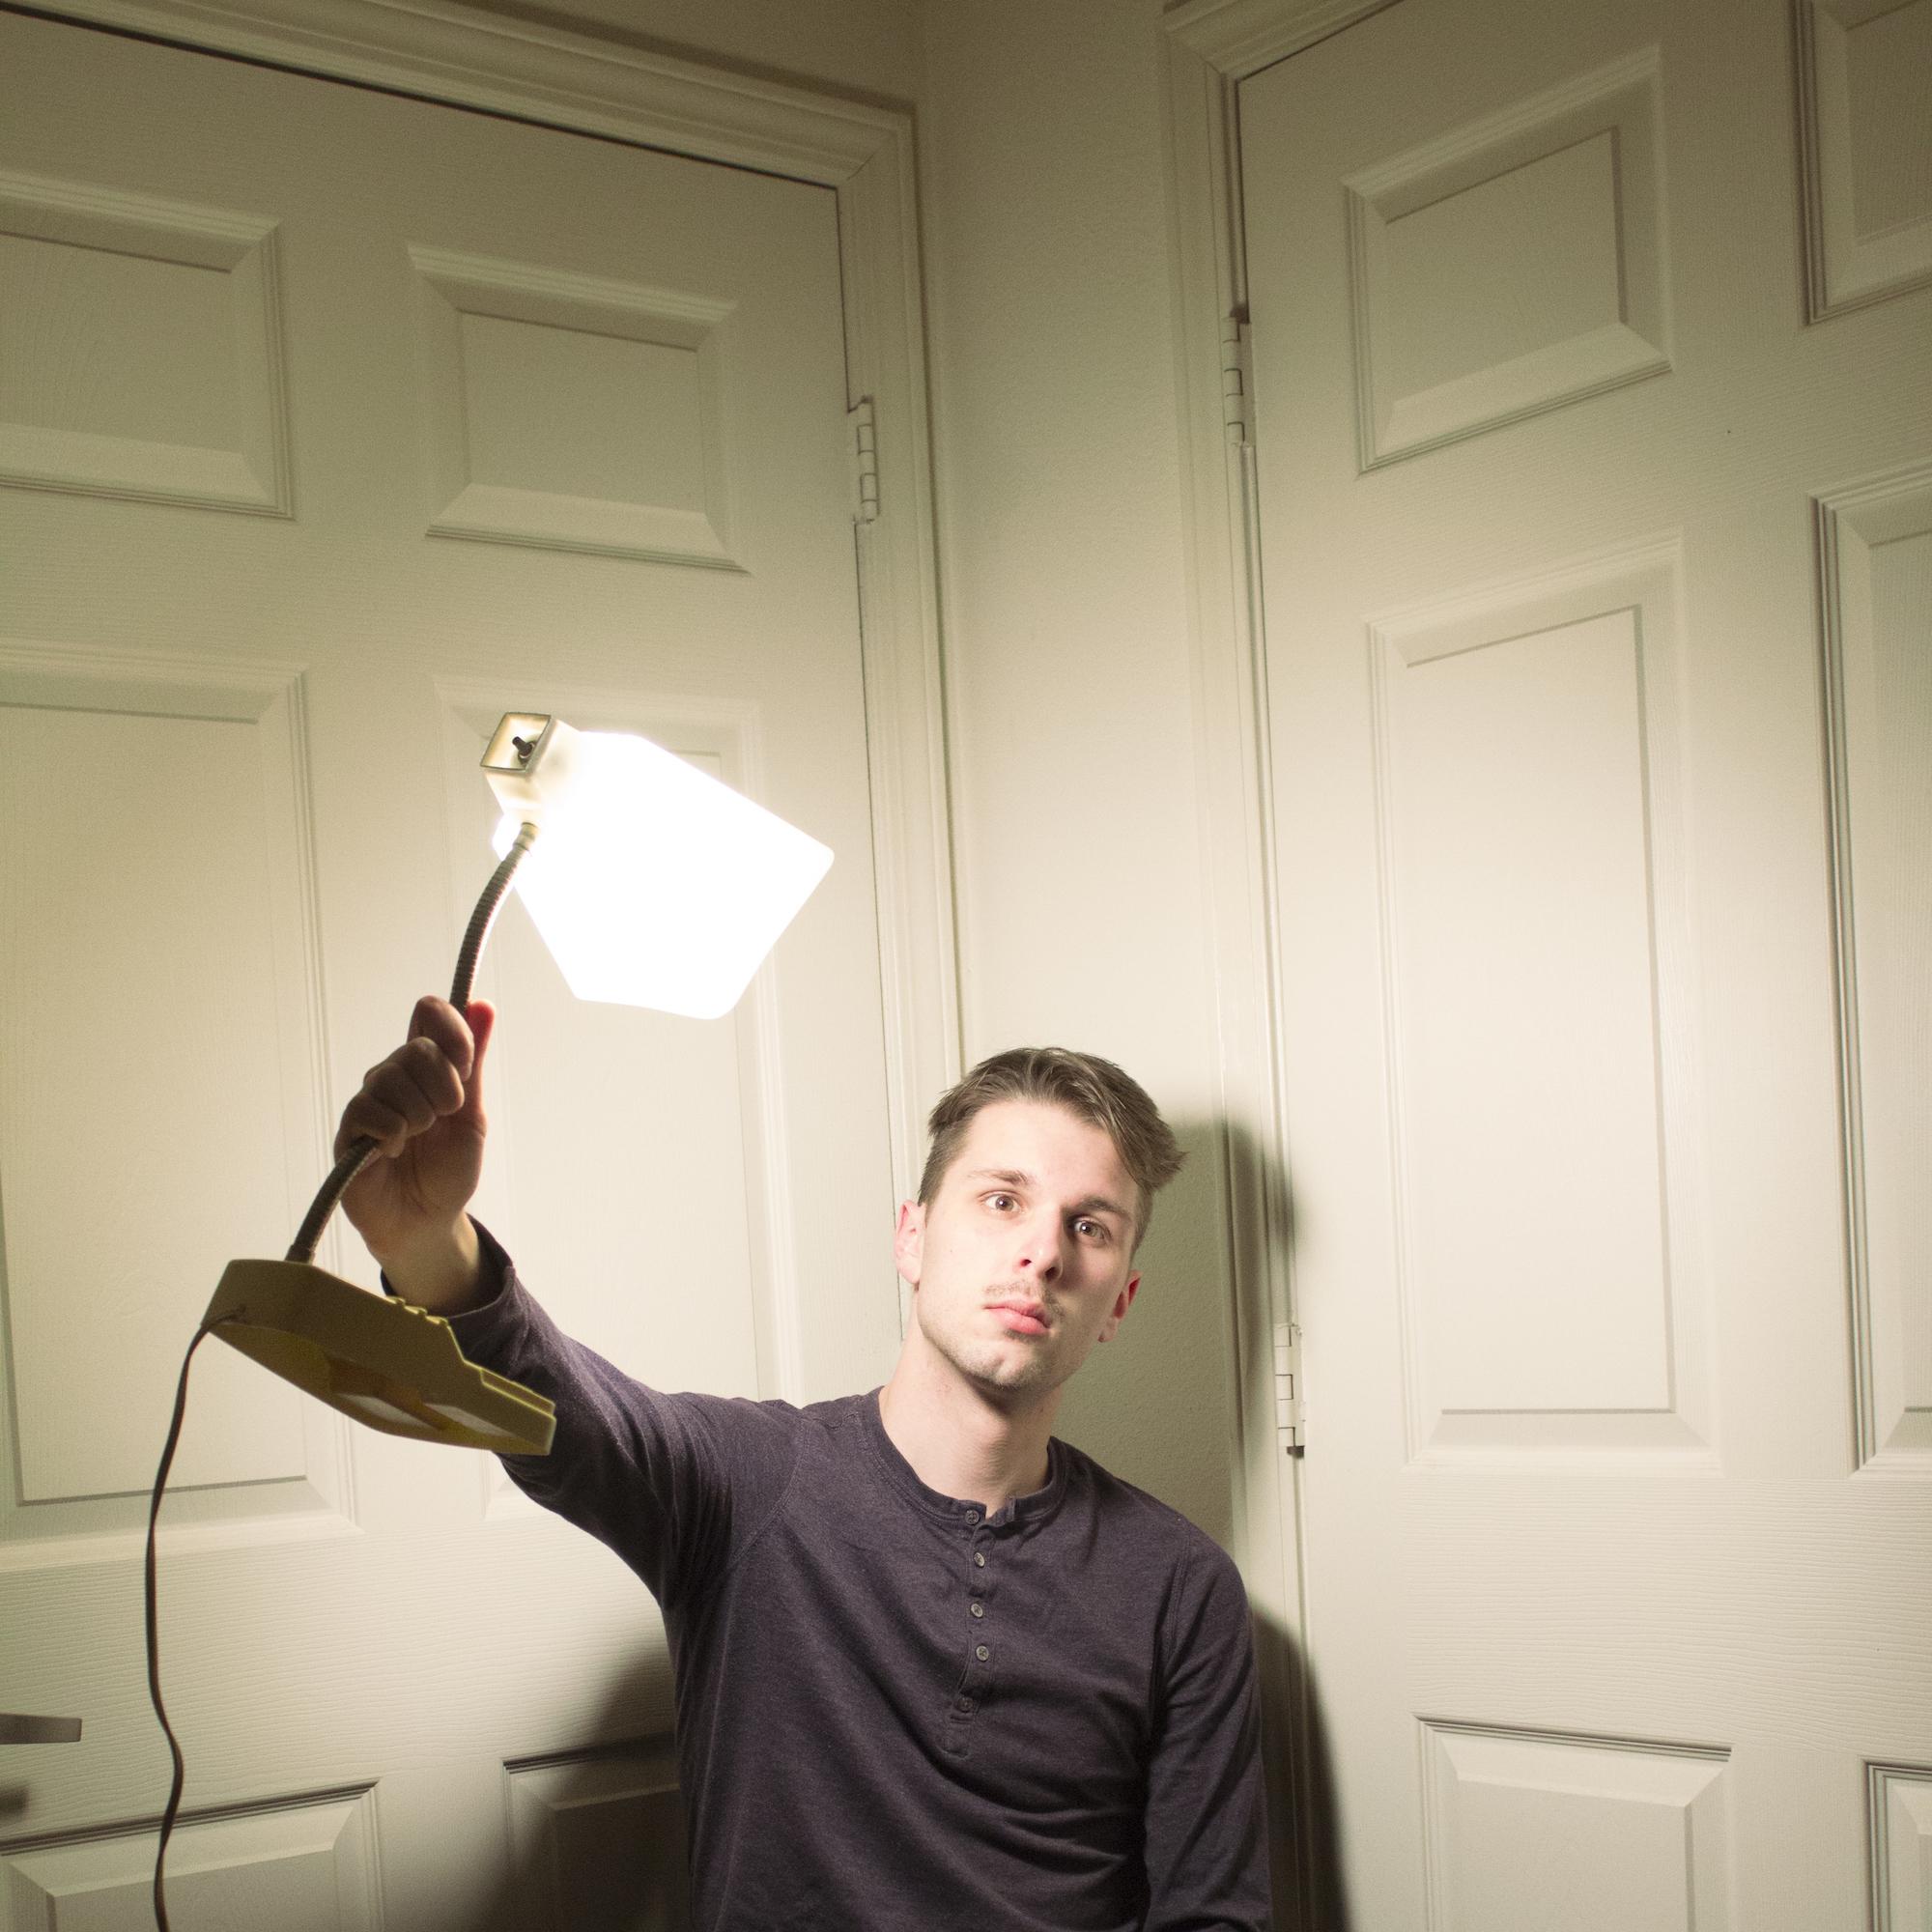 Corner lamp shoot (2015)